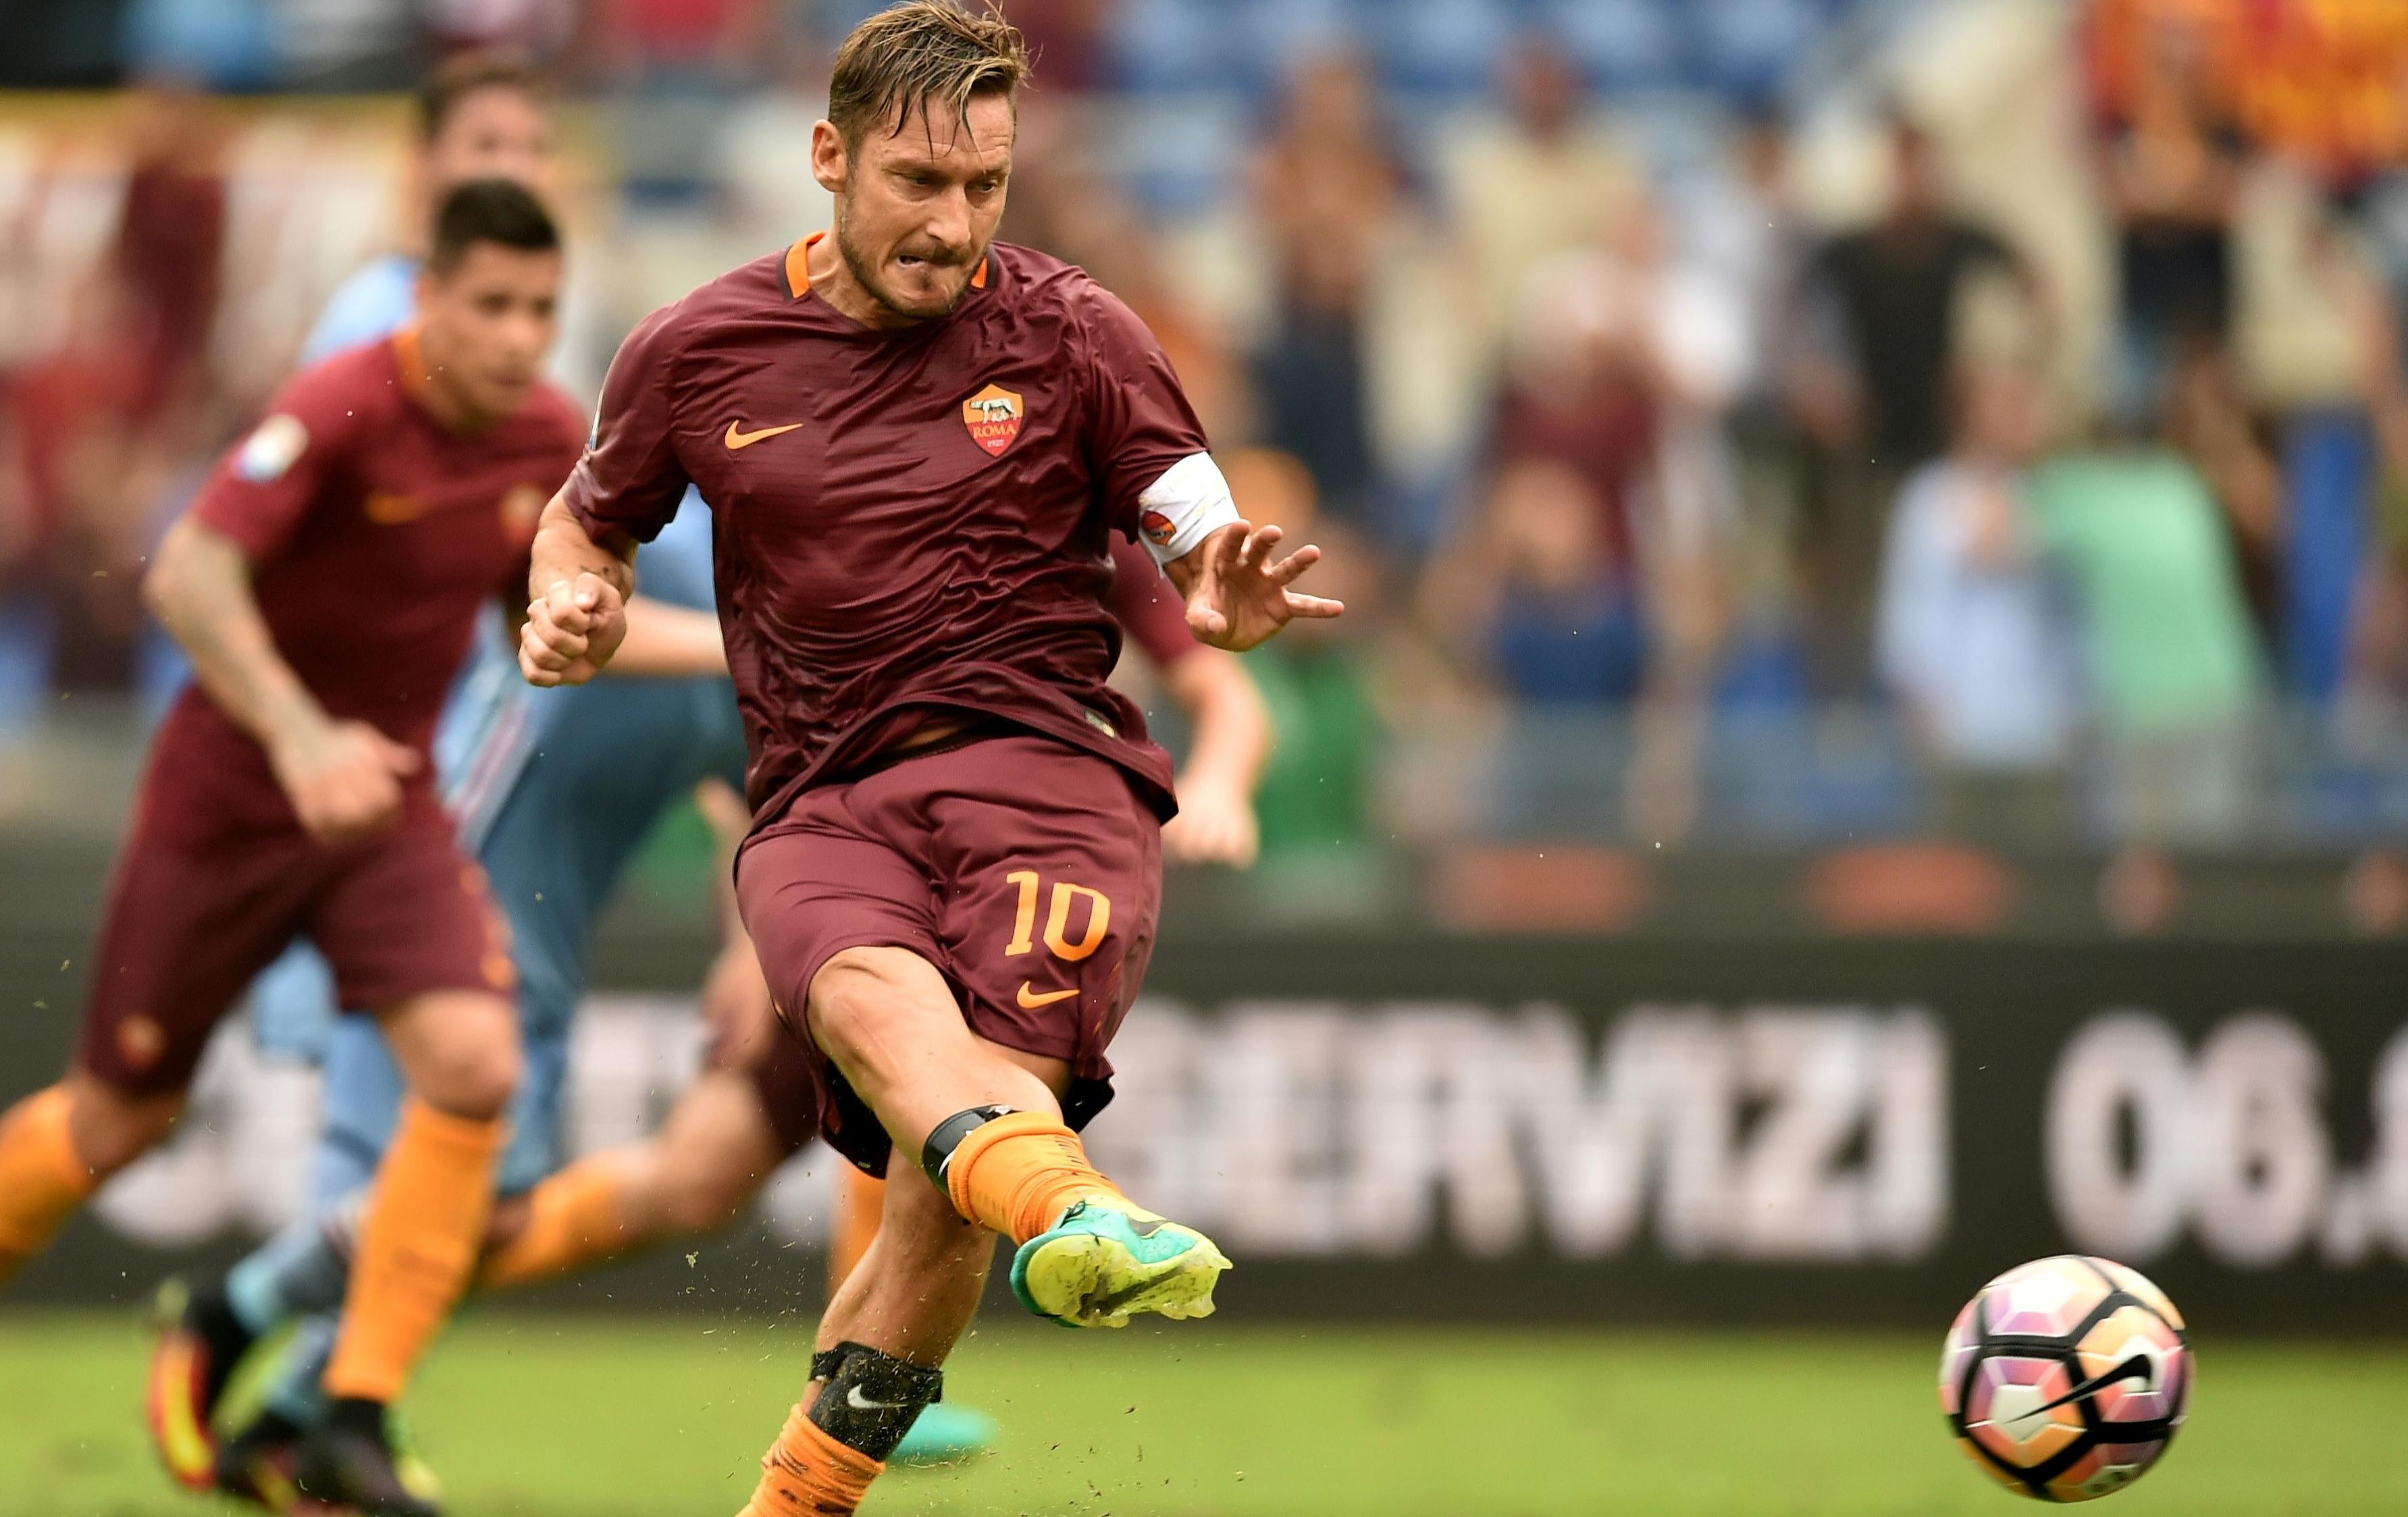 L'ultima cena da giocatore di Totti: con la squadra ma senza Spalletti